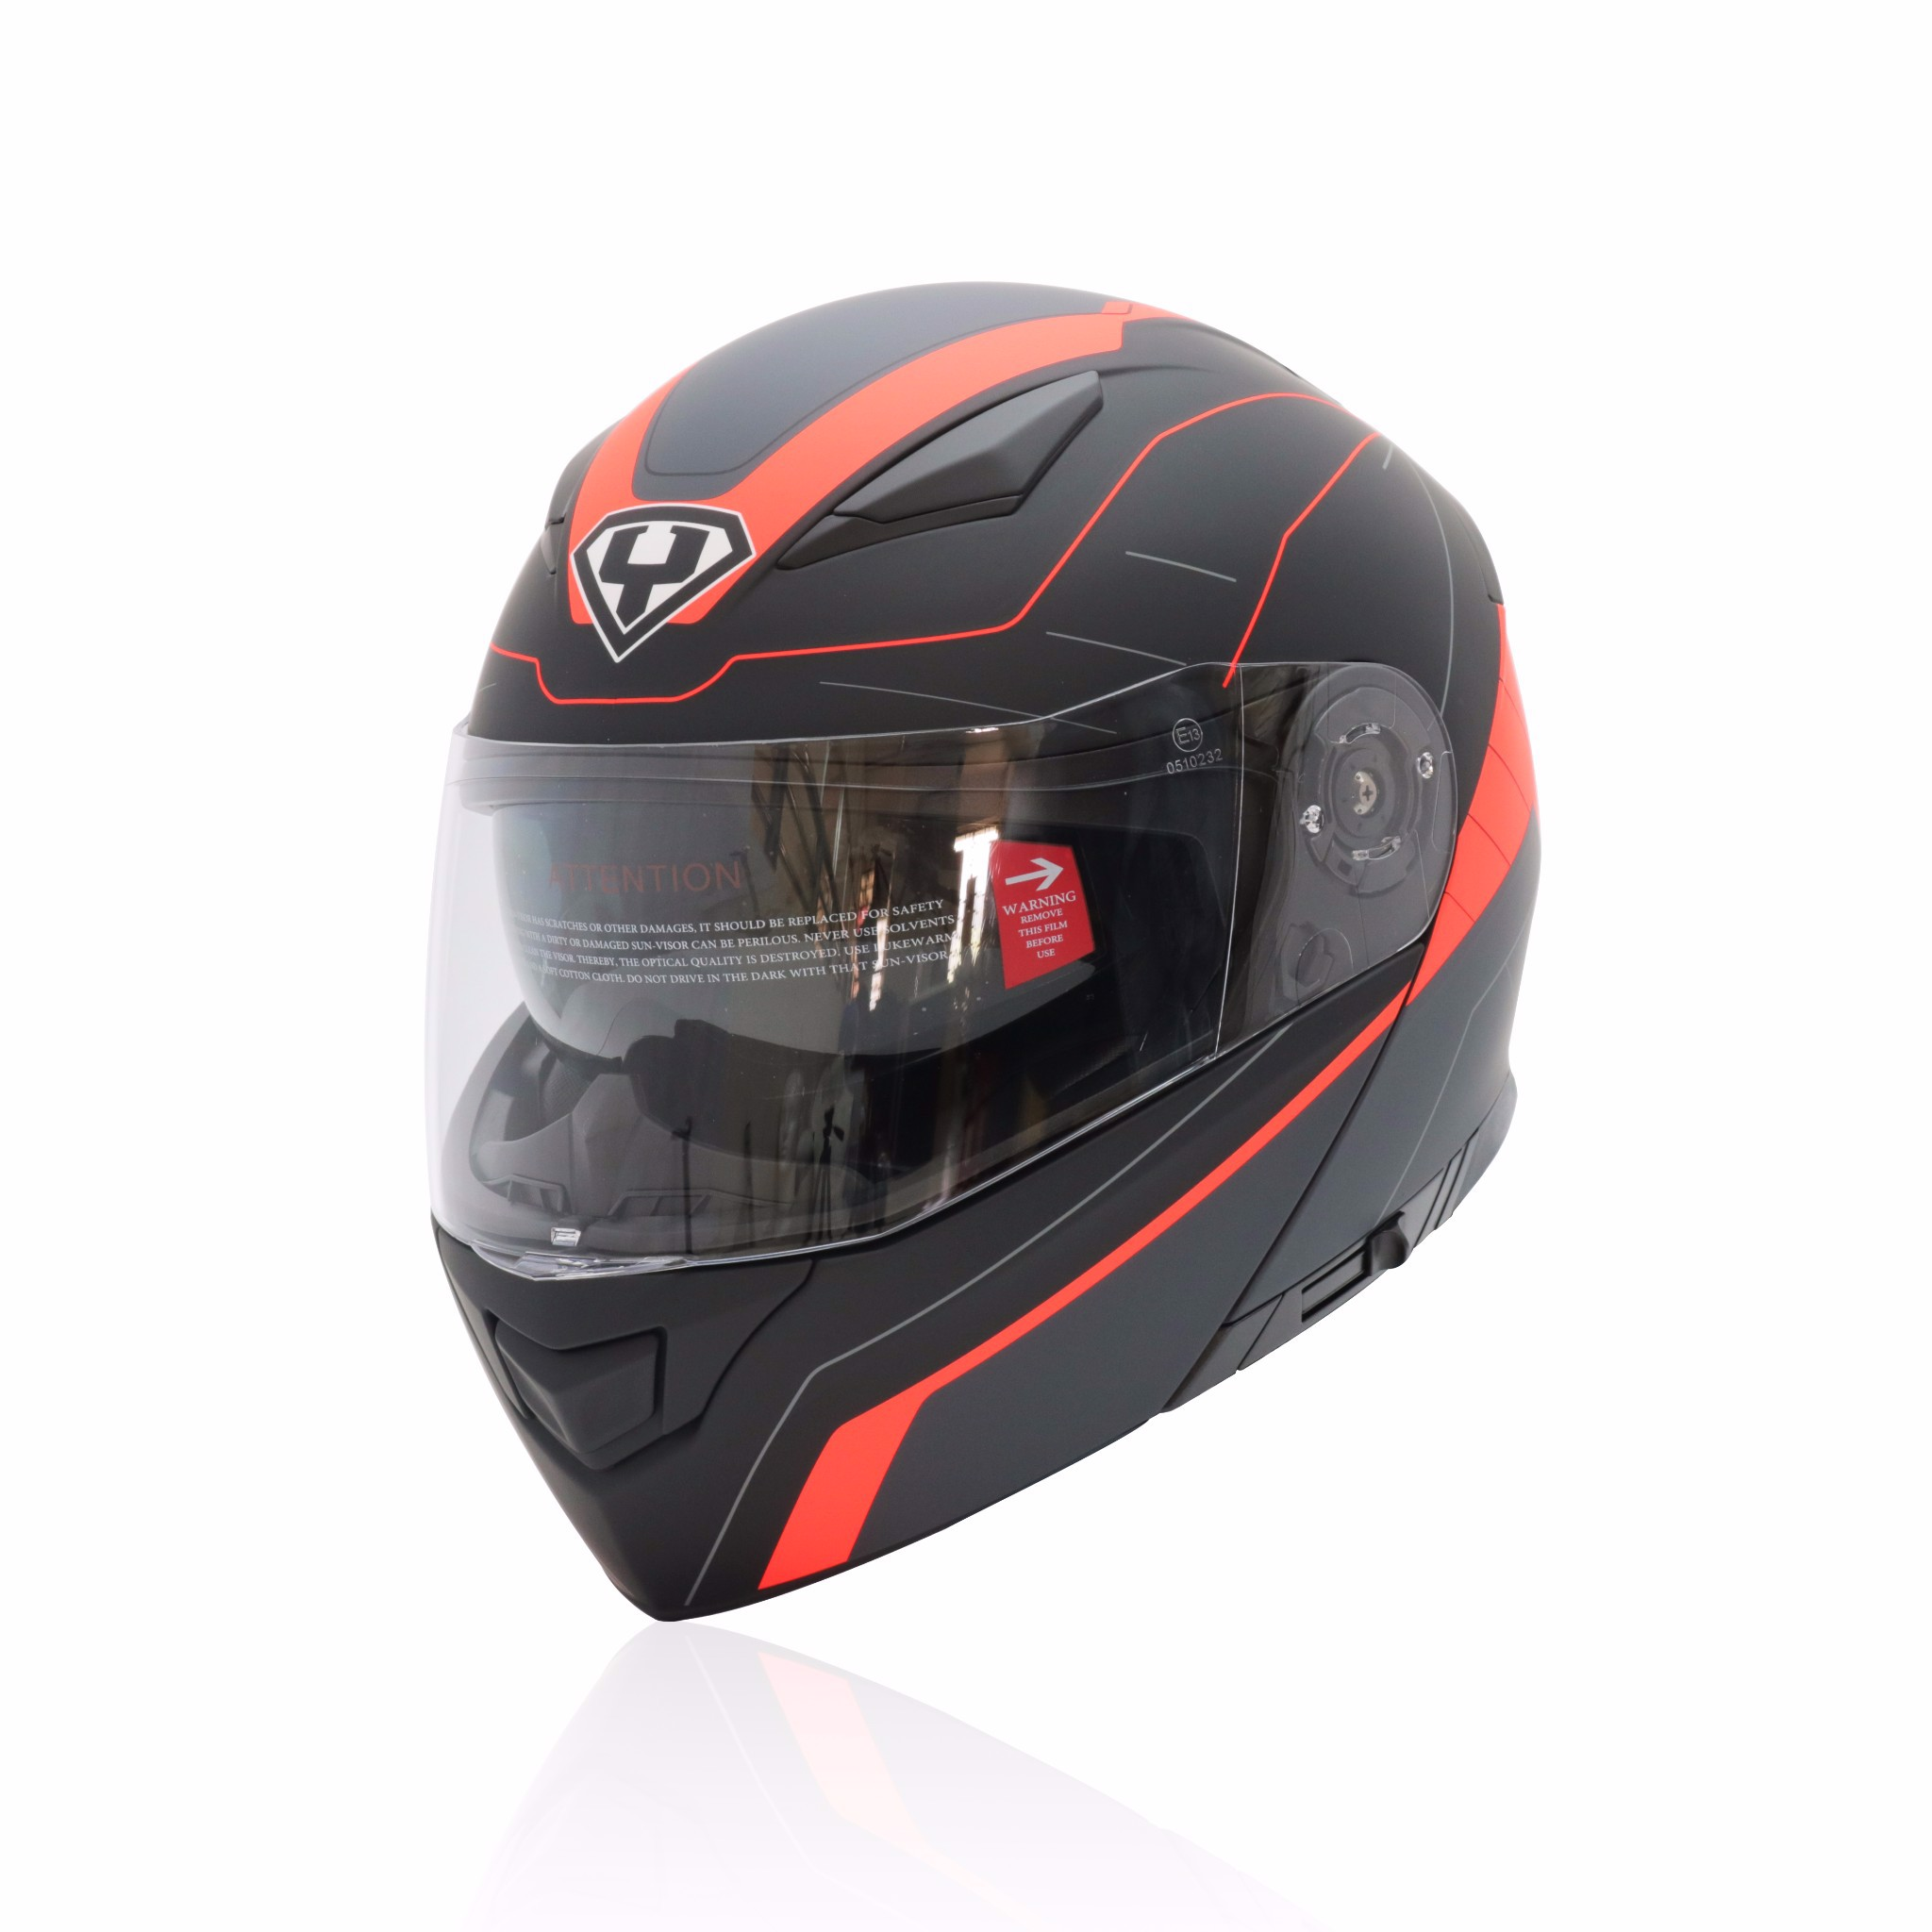 Mũ bảo hiểm fullface lật hàm hai kính Yohe 950 chính hãng